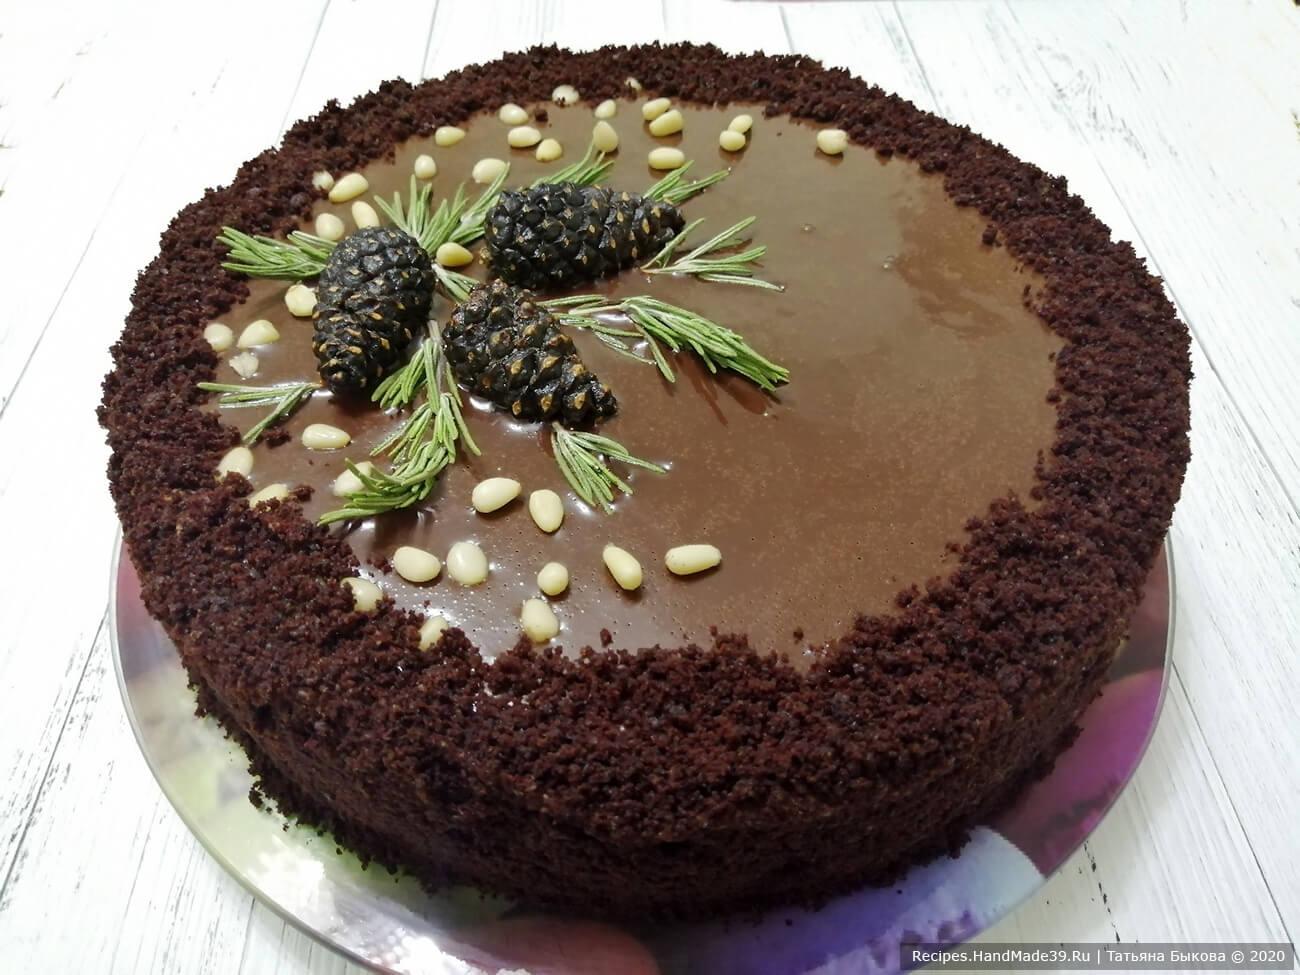 Рецепт как испечь бисквитный торт «Шоколадный бархат» пошагово с фото